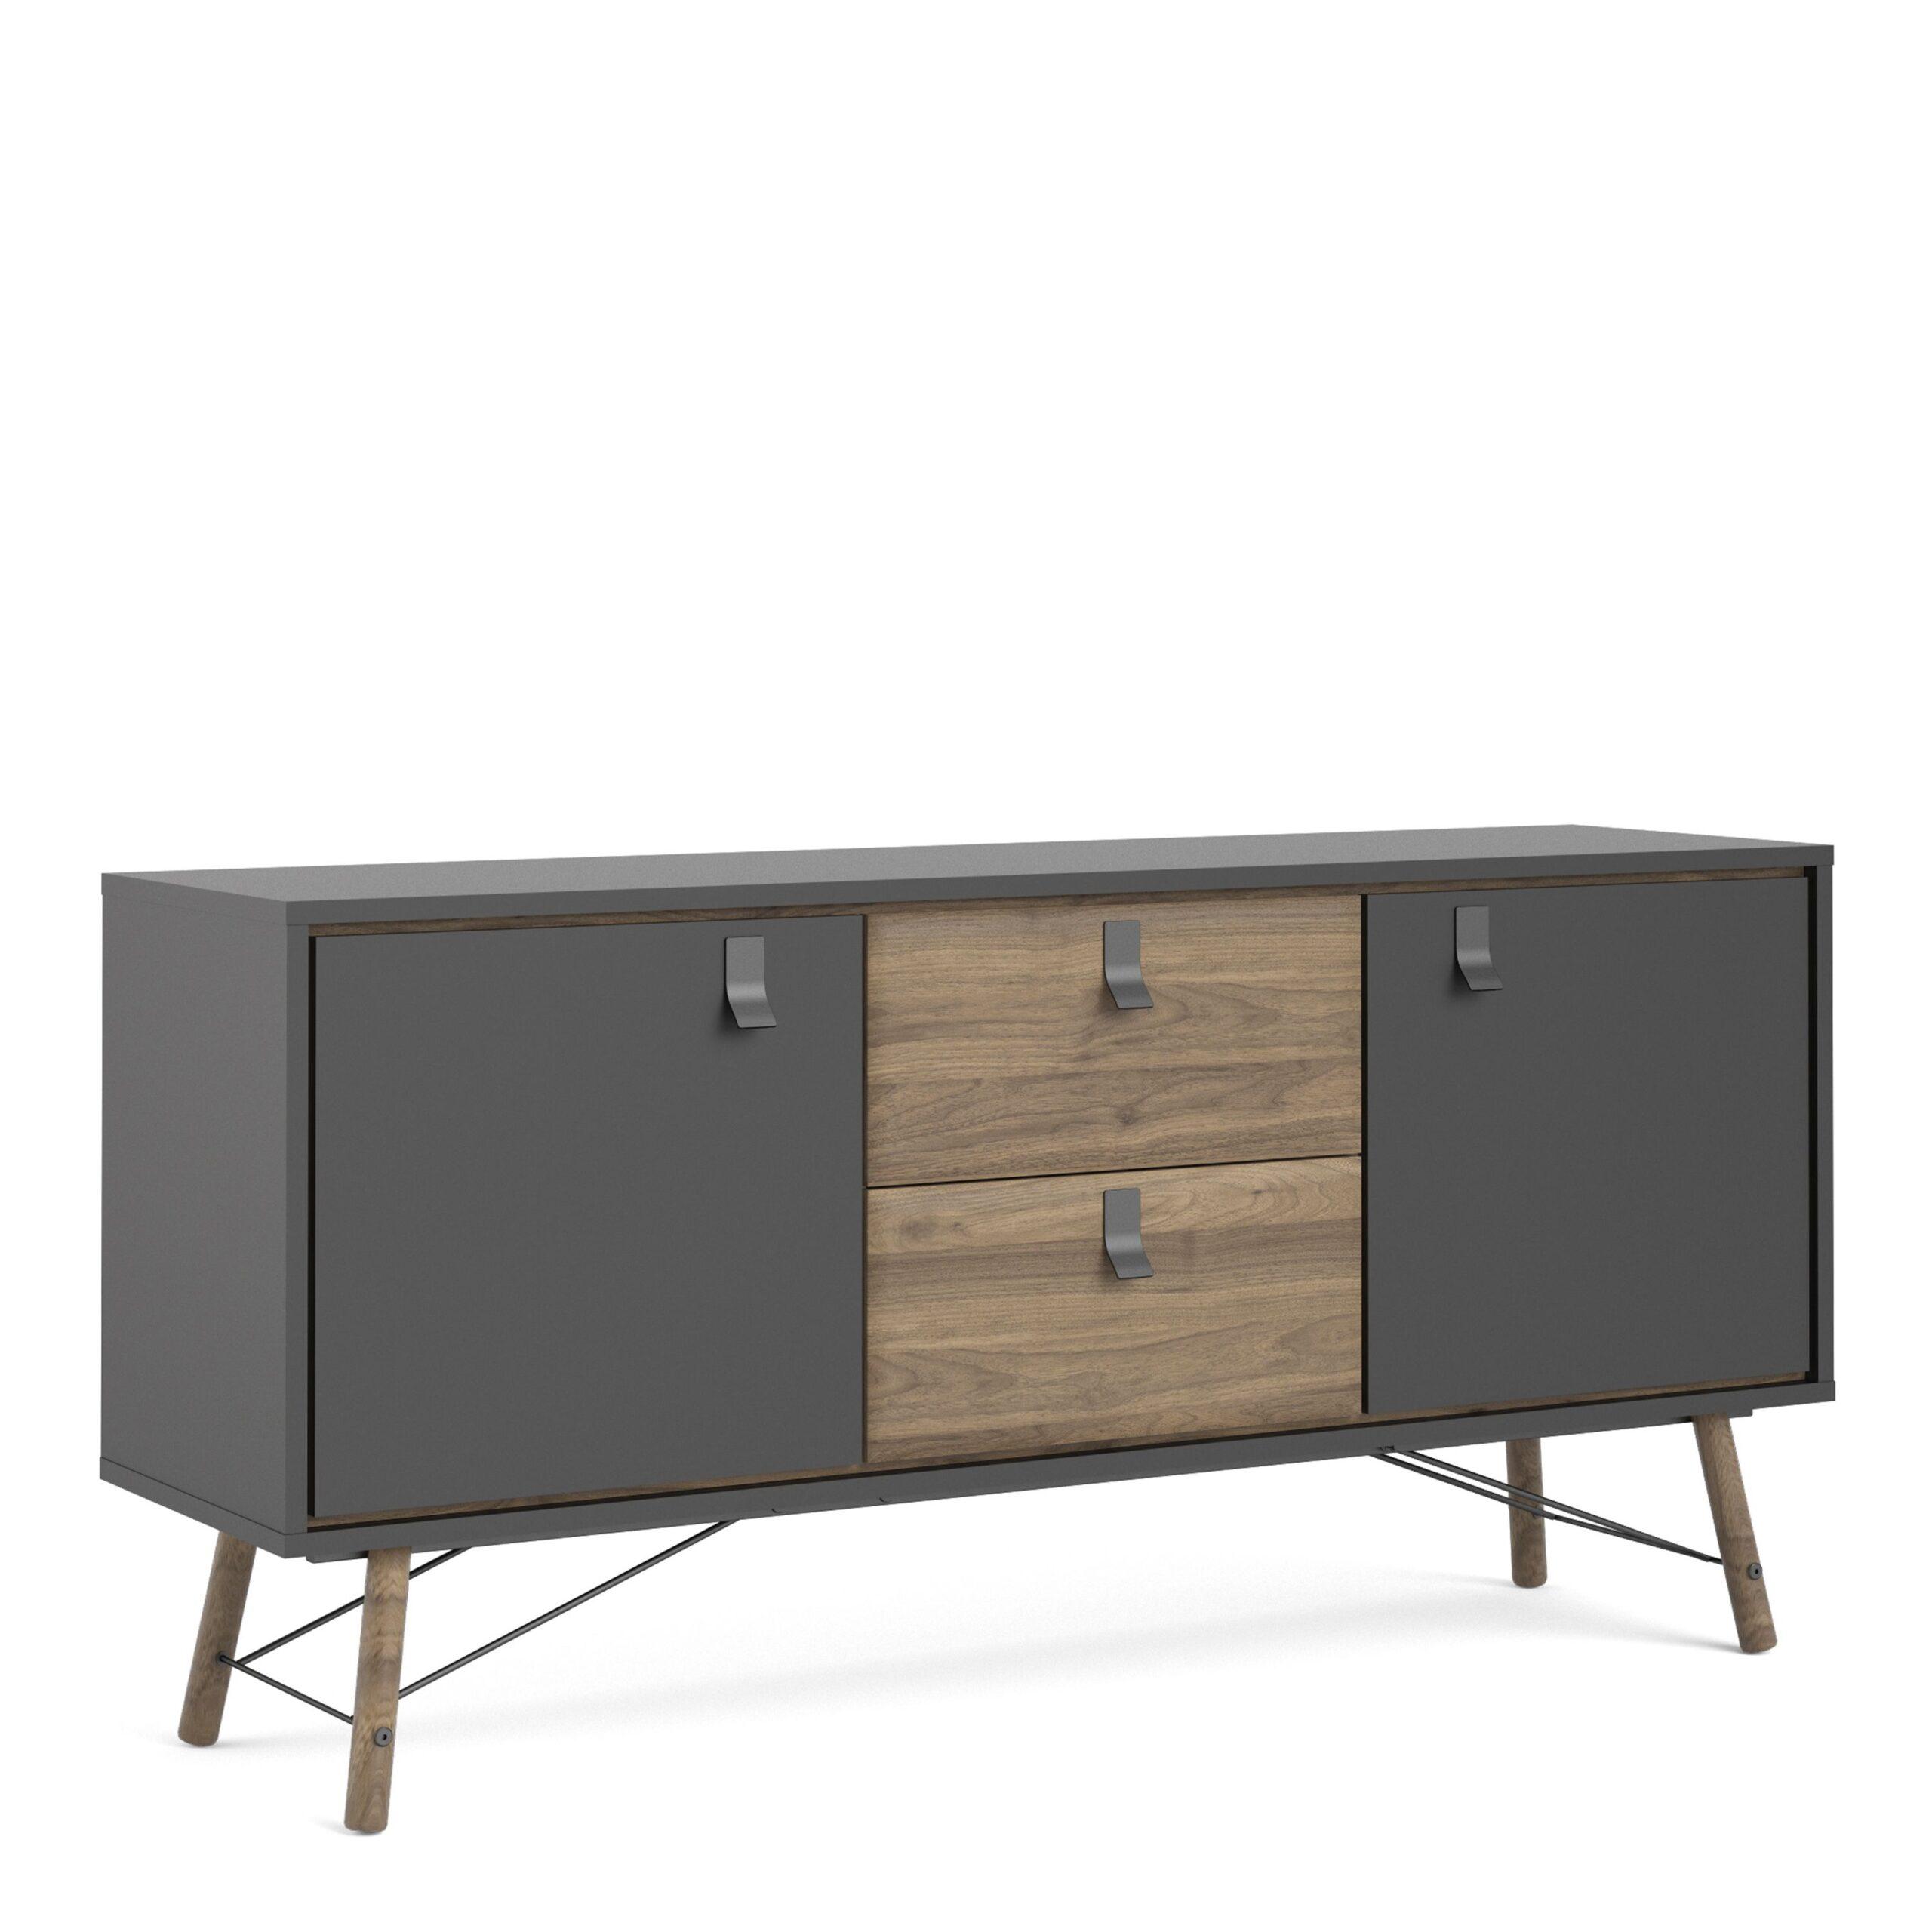 Effy Black Sideboard 2 doors + 2 drawers